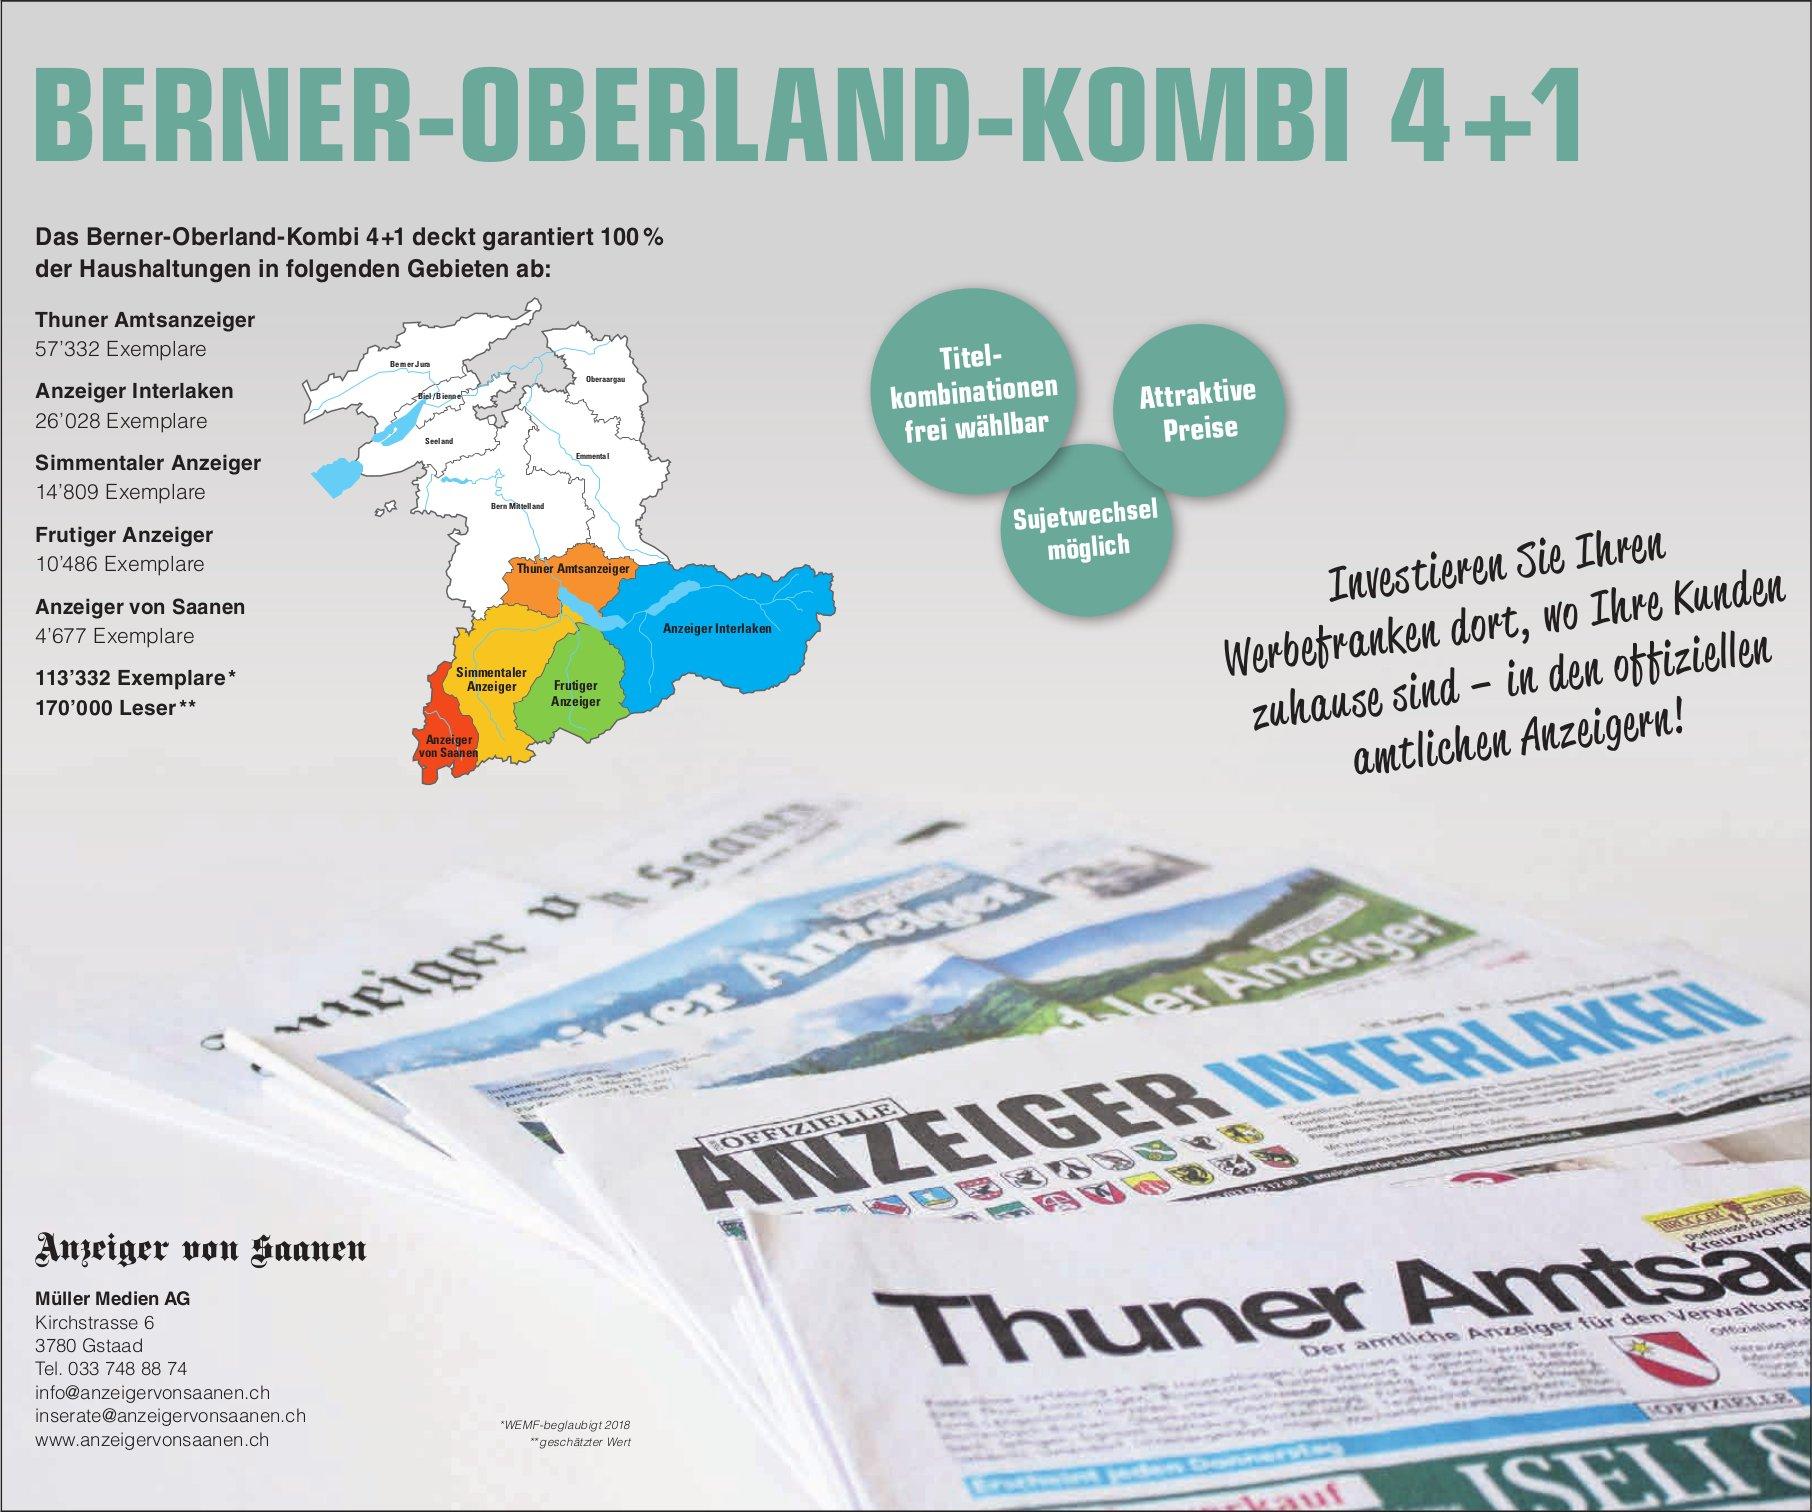 BERNER-OBERLAND-KOMBI 4+1